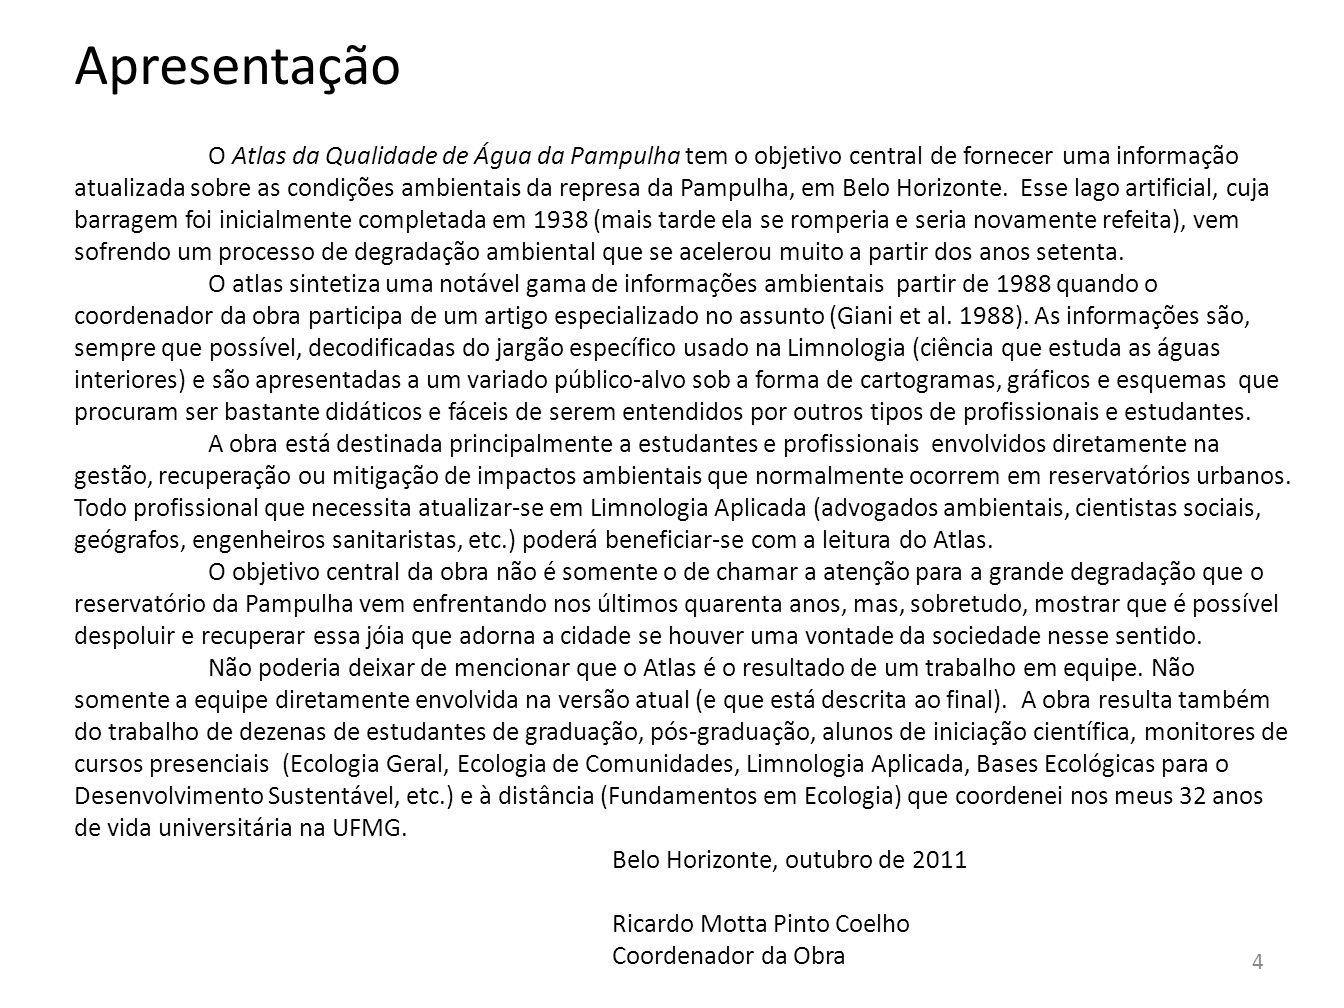 5 História da Pampulha A represa da Pampulha foi construída na administração do prefeito Octacílio Negrão de Lima sendo inaugurada em 1938.